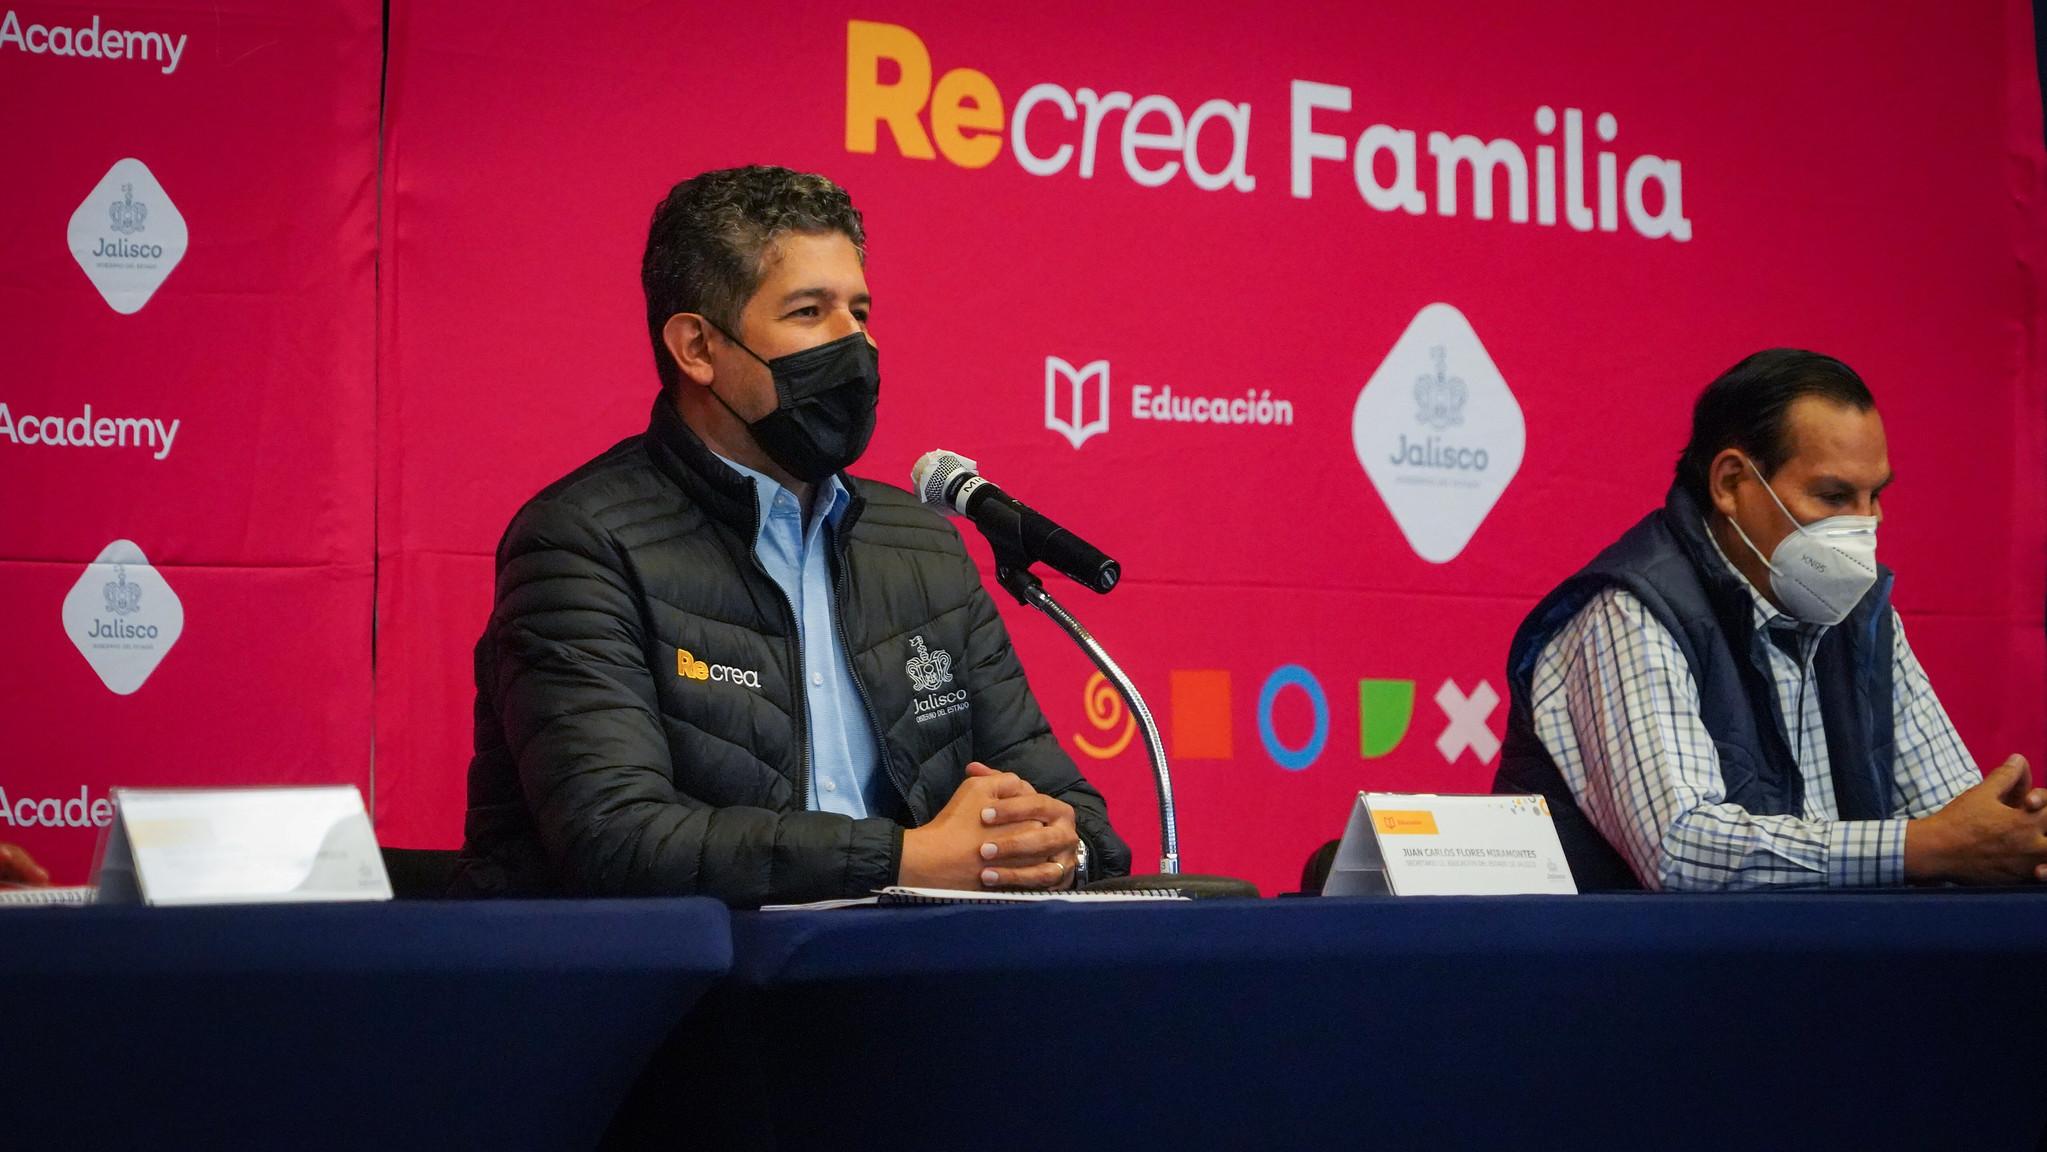 """Anuncia Secretario de Educación segunda edición de """"Recrea Academy"""" y primera de """"Recrea Familia"""""""